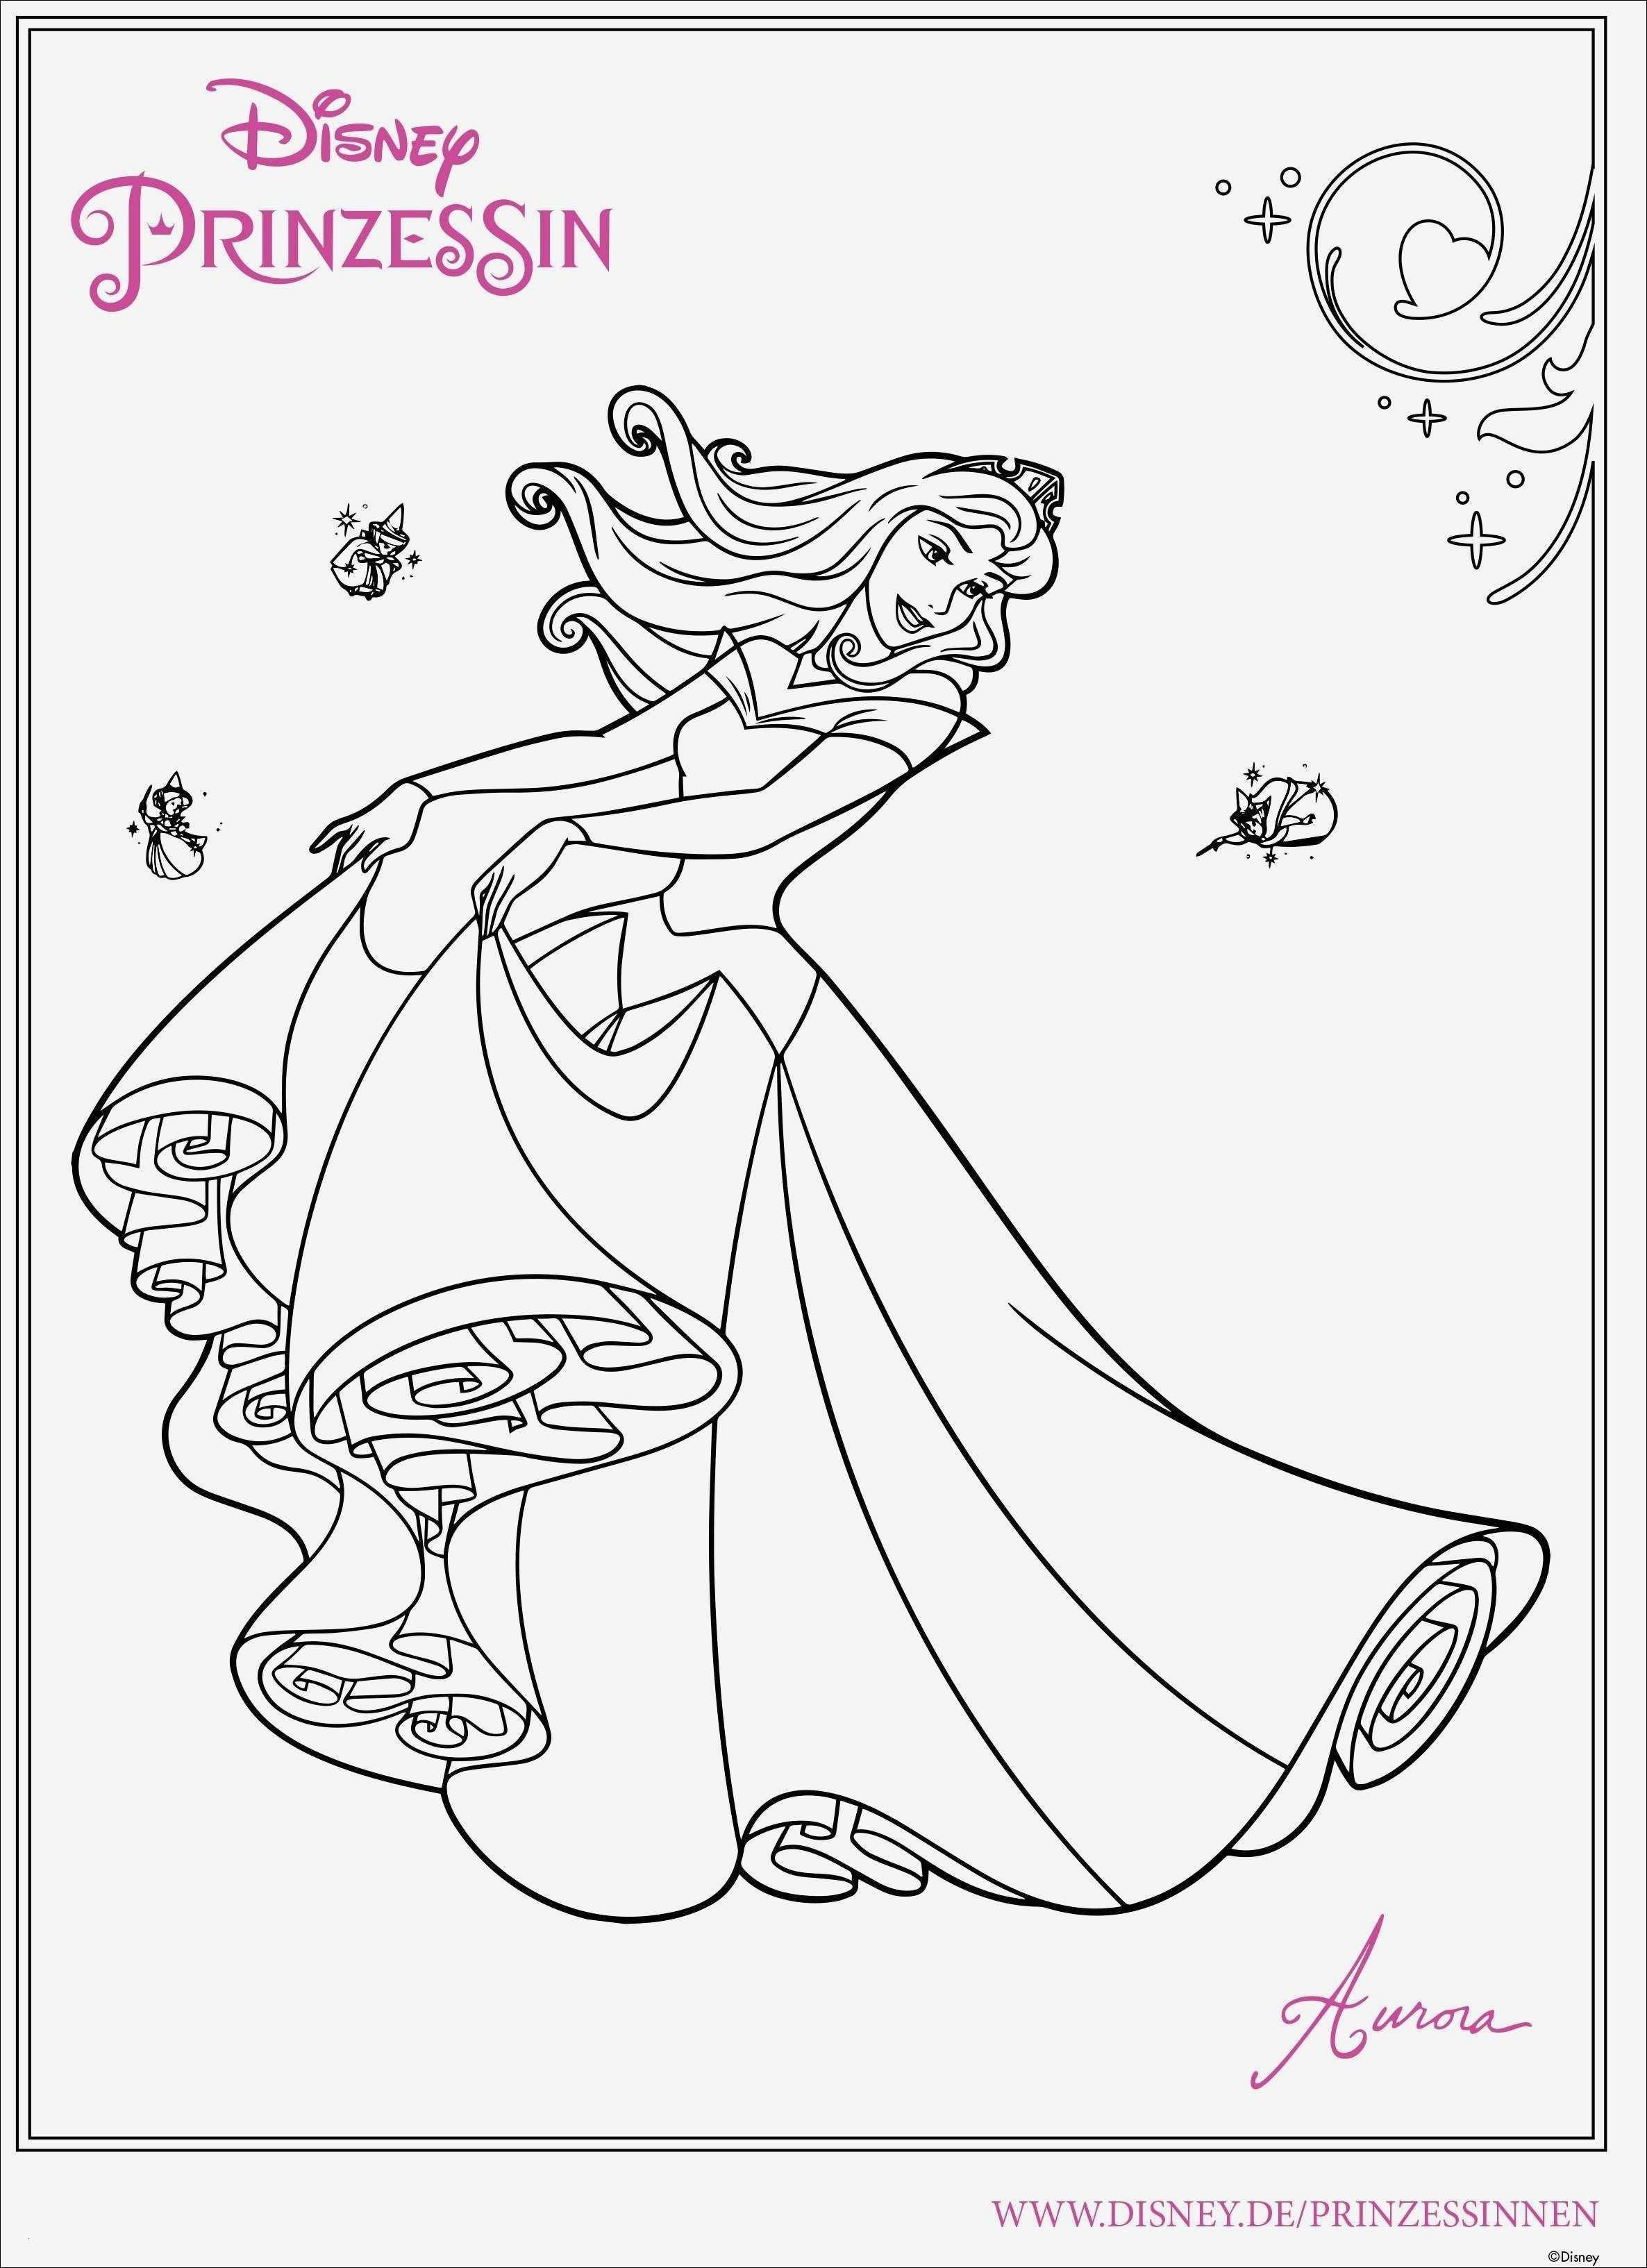 Disney Malvorlagen Zum Ausmalen Neu Disney Prinzessinnen Zum Ausmalen Bilder Zum Ausmalen Und Bild